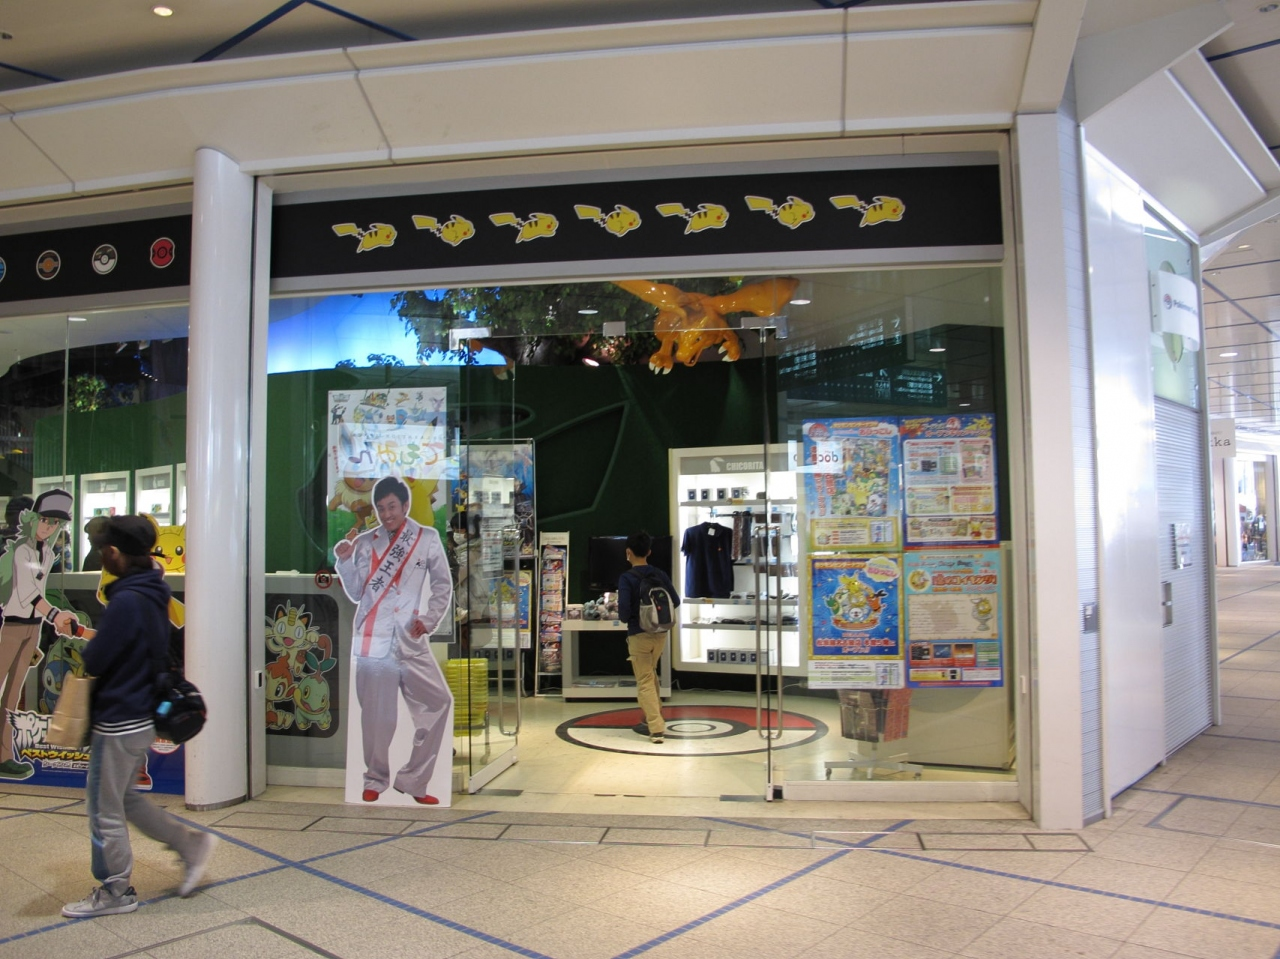 ポケモンセンターナゴヤ オアシス21営業終了』名古屋(愛知県)の旅行